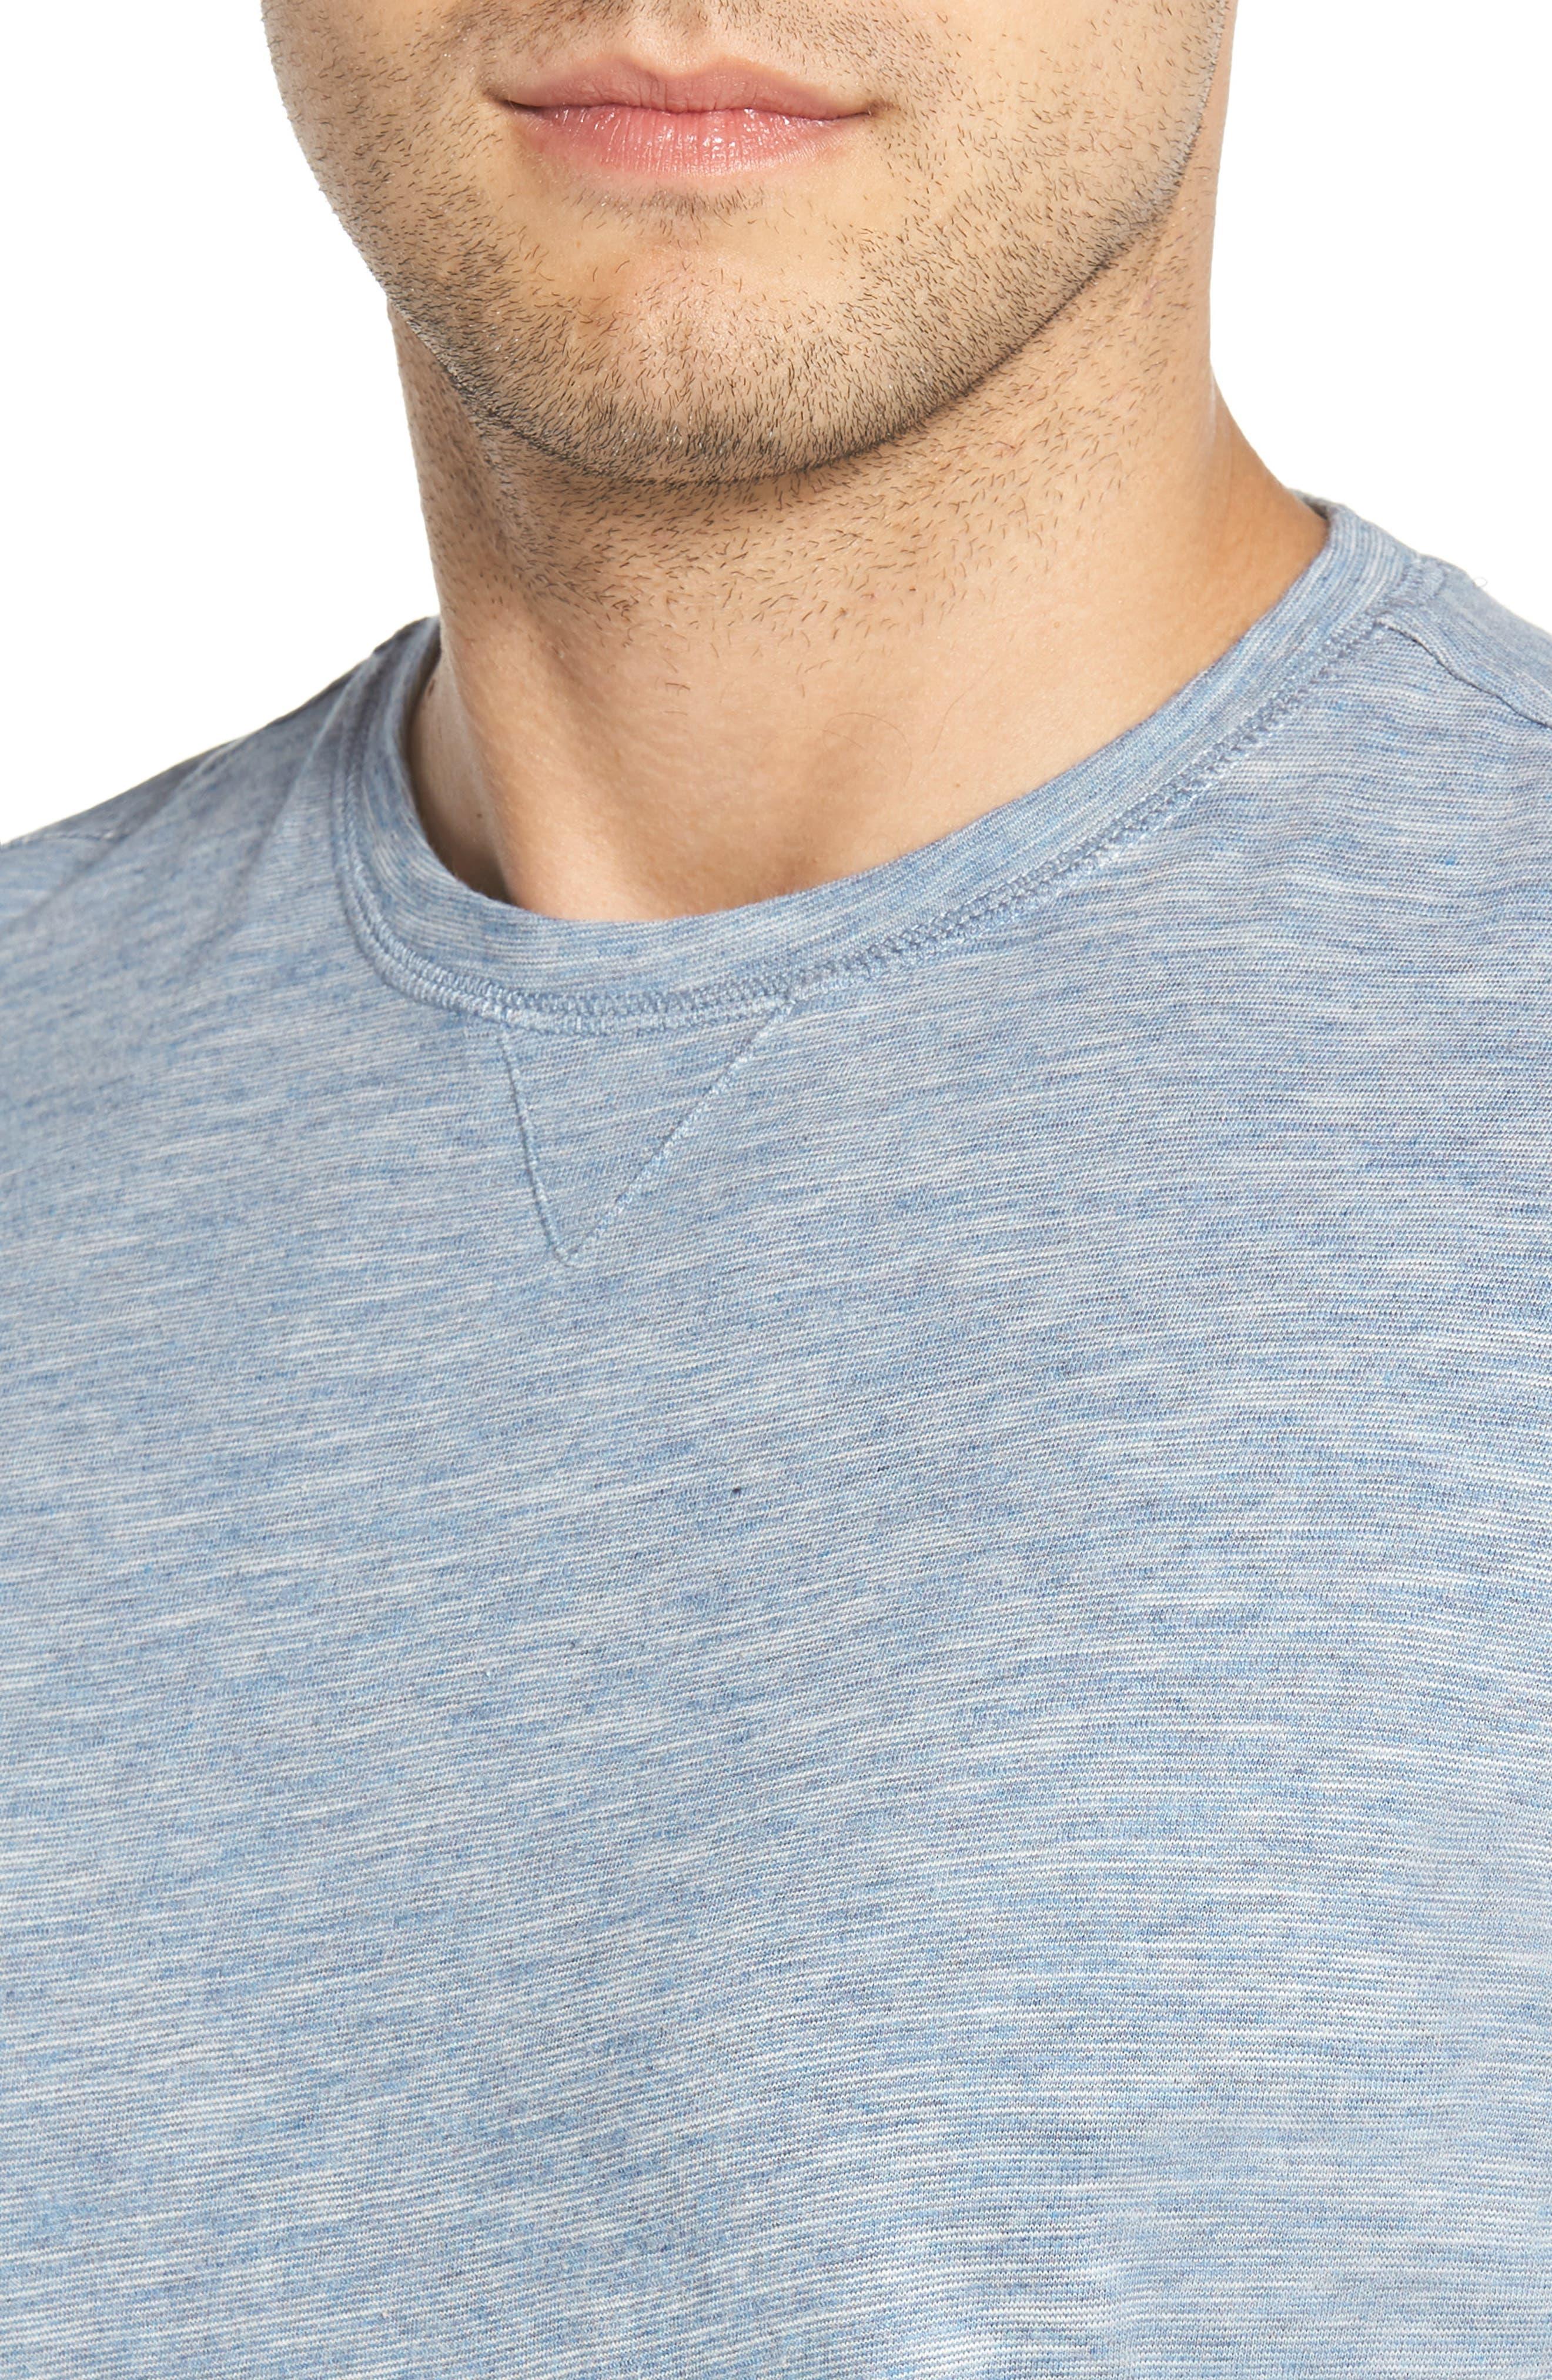 Slubbie Regular Fit Crewneck T-Shirt,                             Alternate thumbnail 4, color,                             021